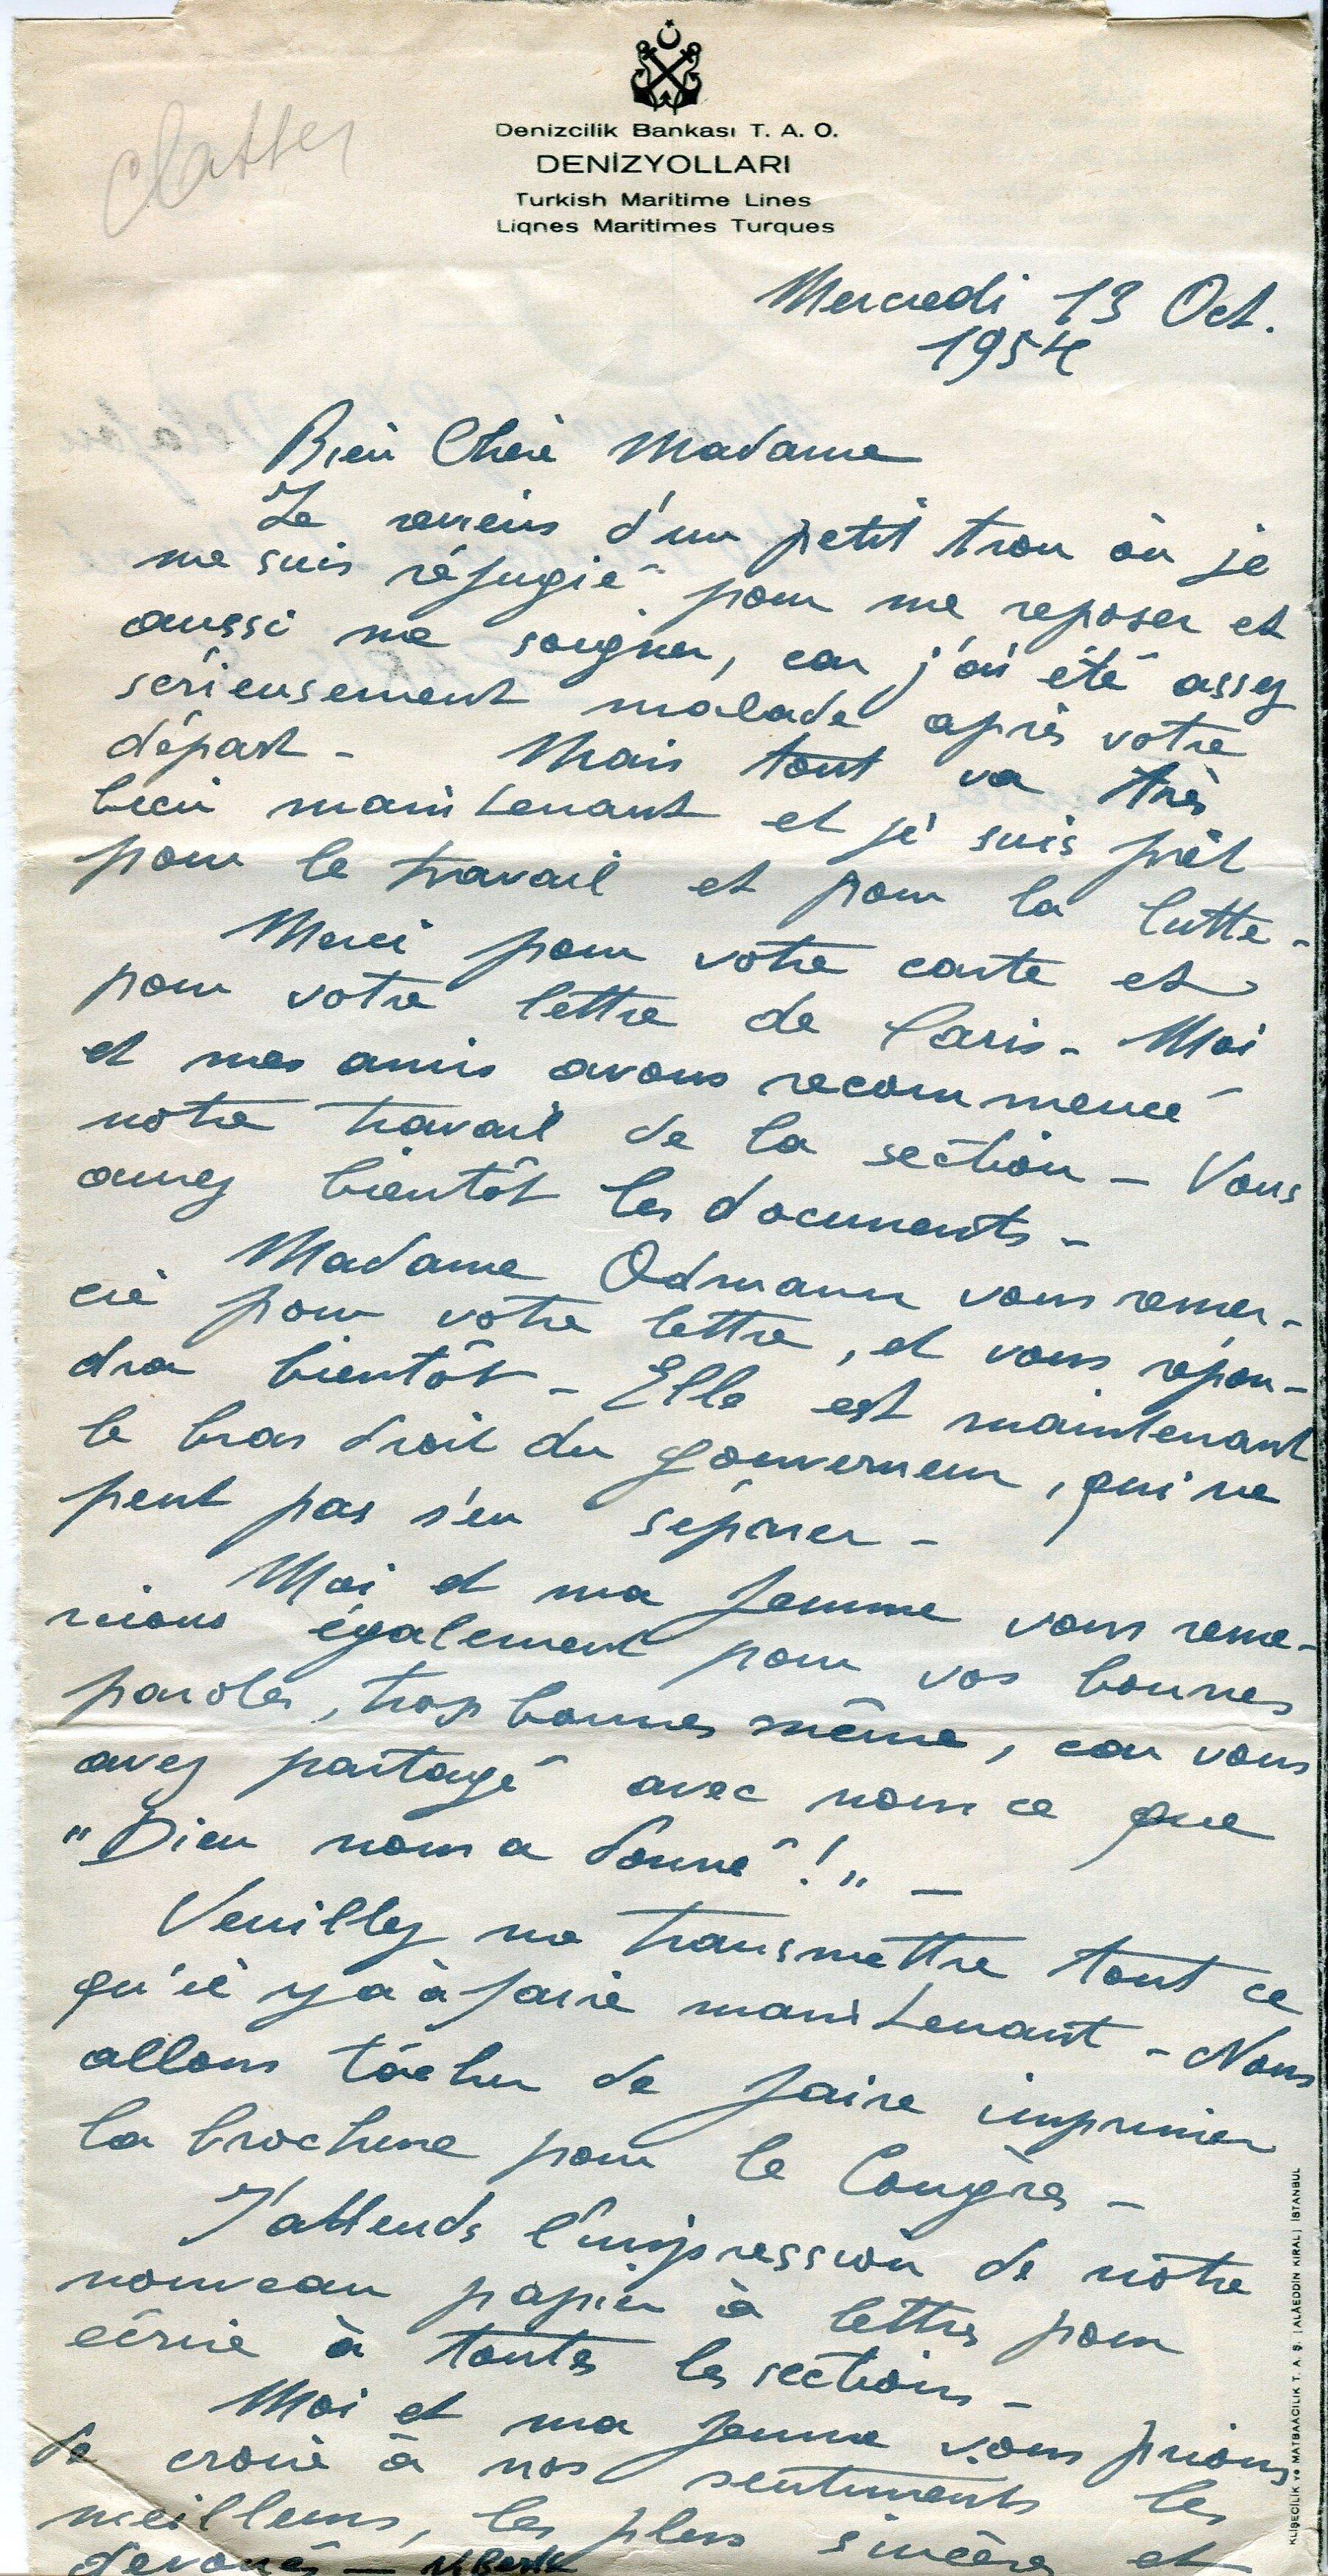 Lettre de Nurullah Berk à Simone Gille-Delafon, 13 octobre 1954, fonds AICA International [FR ACA AICAI THEADM008 28/32], collection INHA – Archives de la critique d'art.